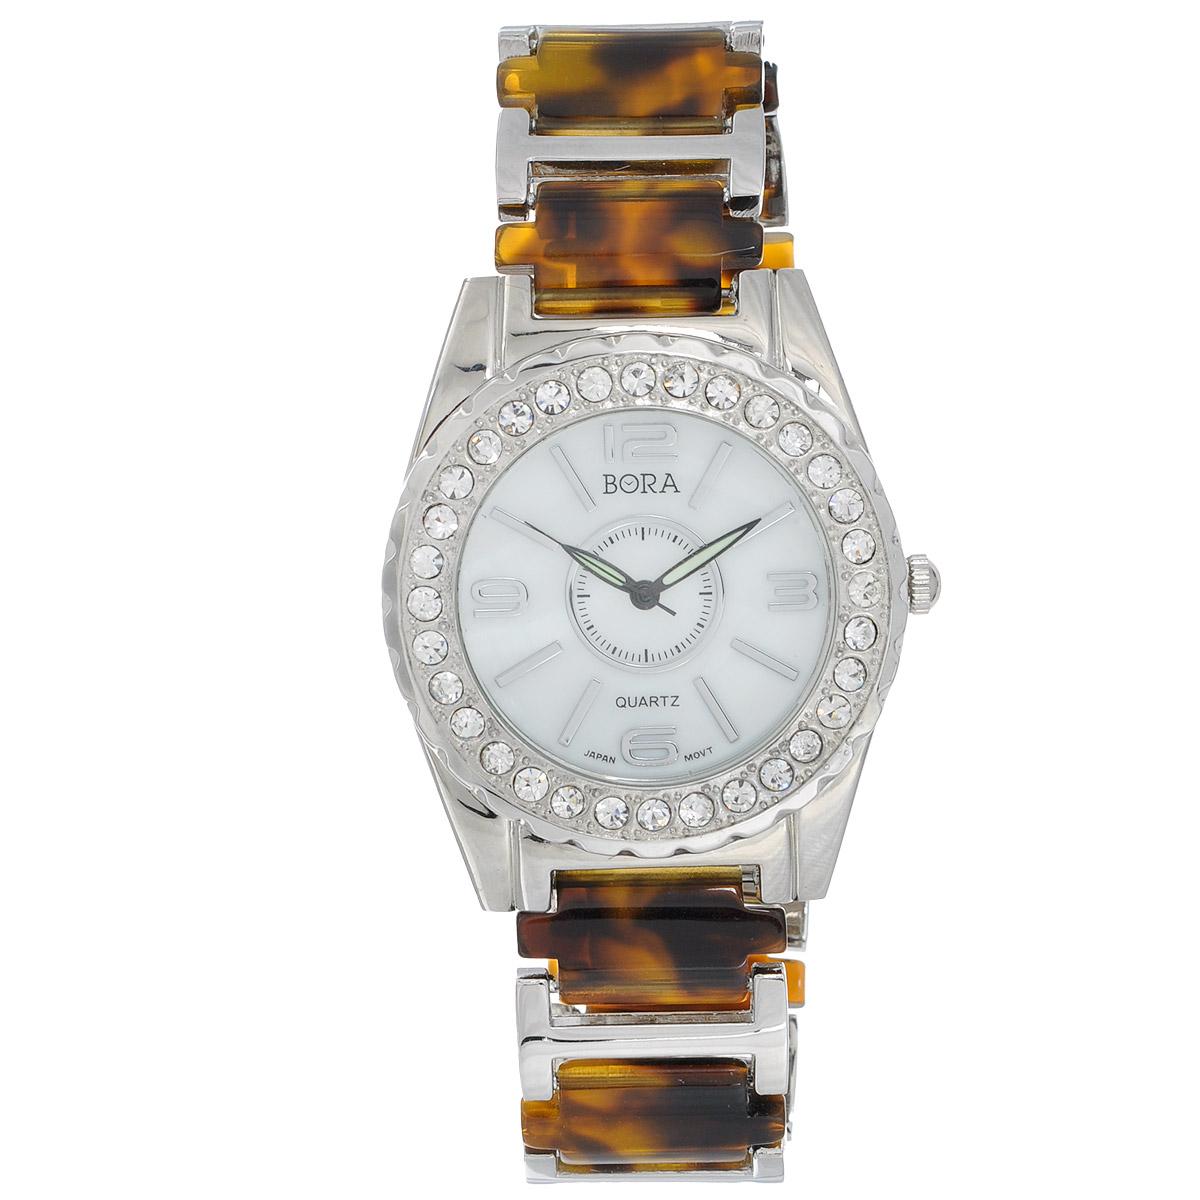 Часы наручные женские Bora, цвет: коричневый, серебряный. FWBR052 / T-B-8181-WATCH-SL.TOROTISEFWBR052 / T-B-8181-WATCH-SL.TOROTISEЧасы торговой марки Bora отличает изысканный стиль и превосходное качество изготовления. Японский механизм Seiko отличает невероятная точность. С ними вы точно не пропустите ничего интересного. Корпус часов выполнен из легированного металлического сплава и декорирован стразами. Ремешок изготовлен из металла и ювелирного пластика и застегивается на застежку-клипсу. Практичная и незаменимая вещь в сумасшедшем ритме современной жизни. Стильный и элегантный аксессуар идеально дополнит ваш повседневный образ. Характеристики: Размеры корпуса: 4 х 4 х 0,7 см. Размеры ремешка без учета корпуса: 17 х 2 см. Не водостойкие.